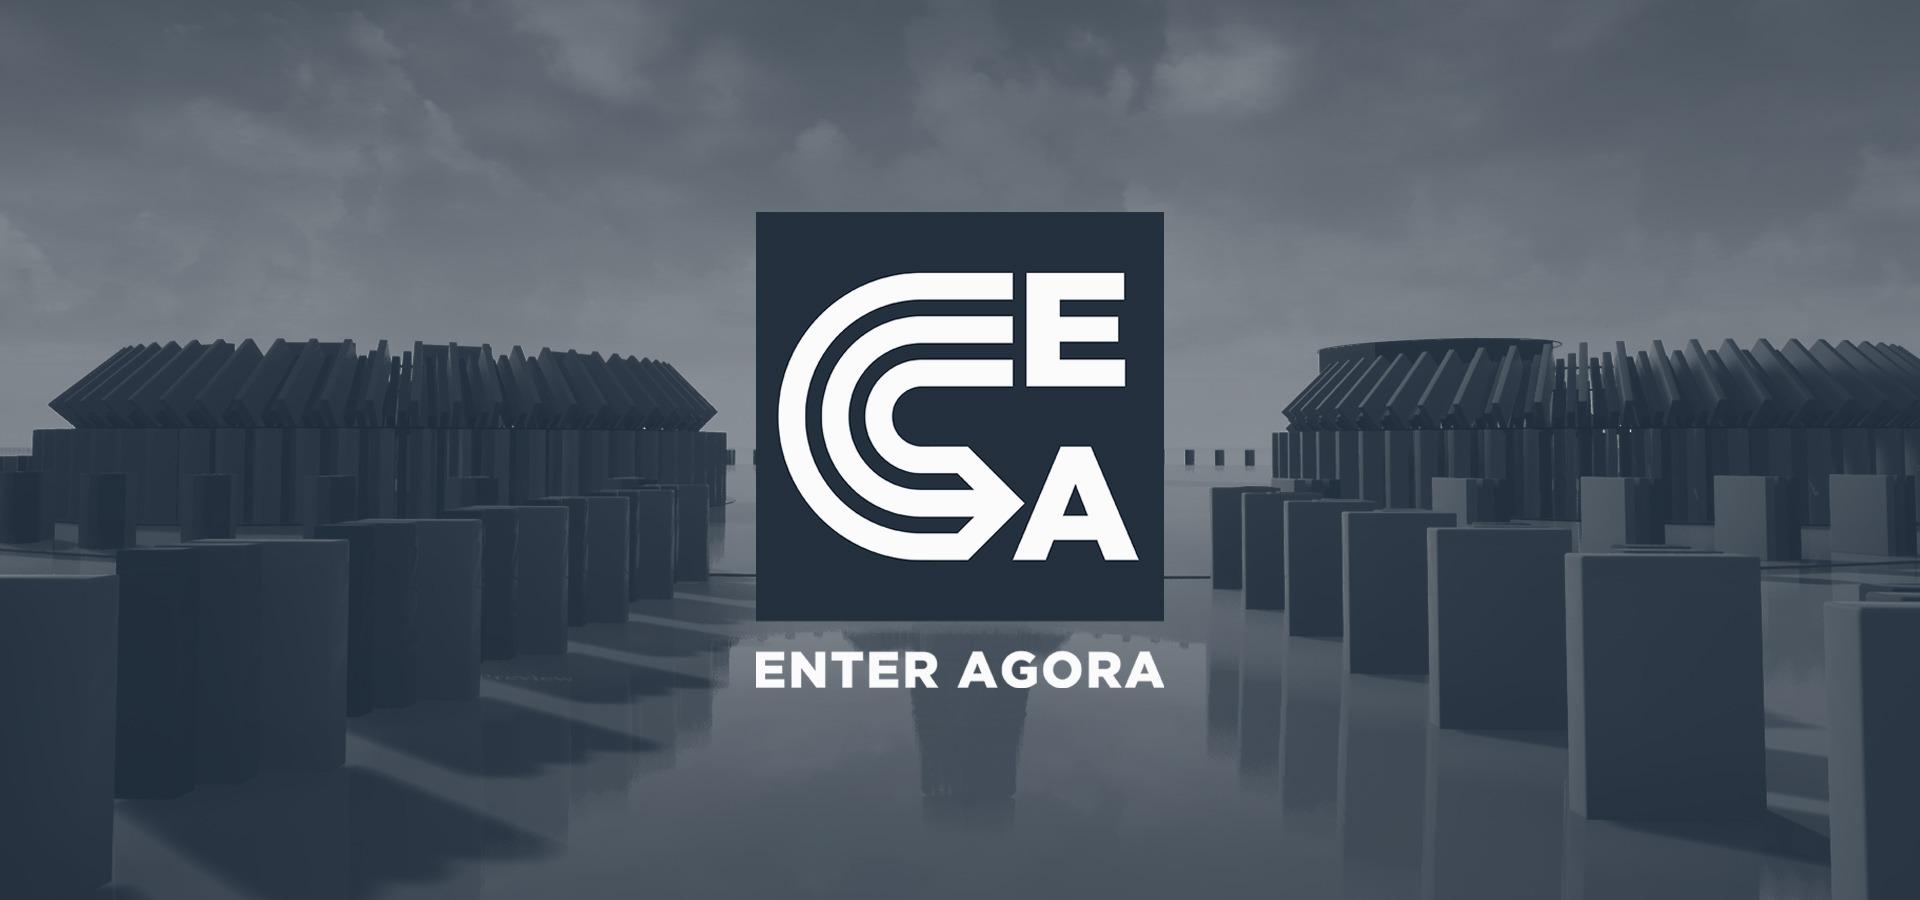 Enter Agora